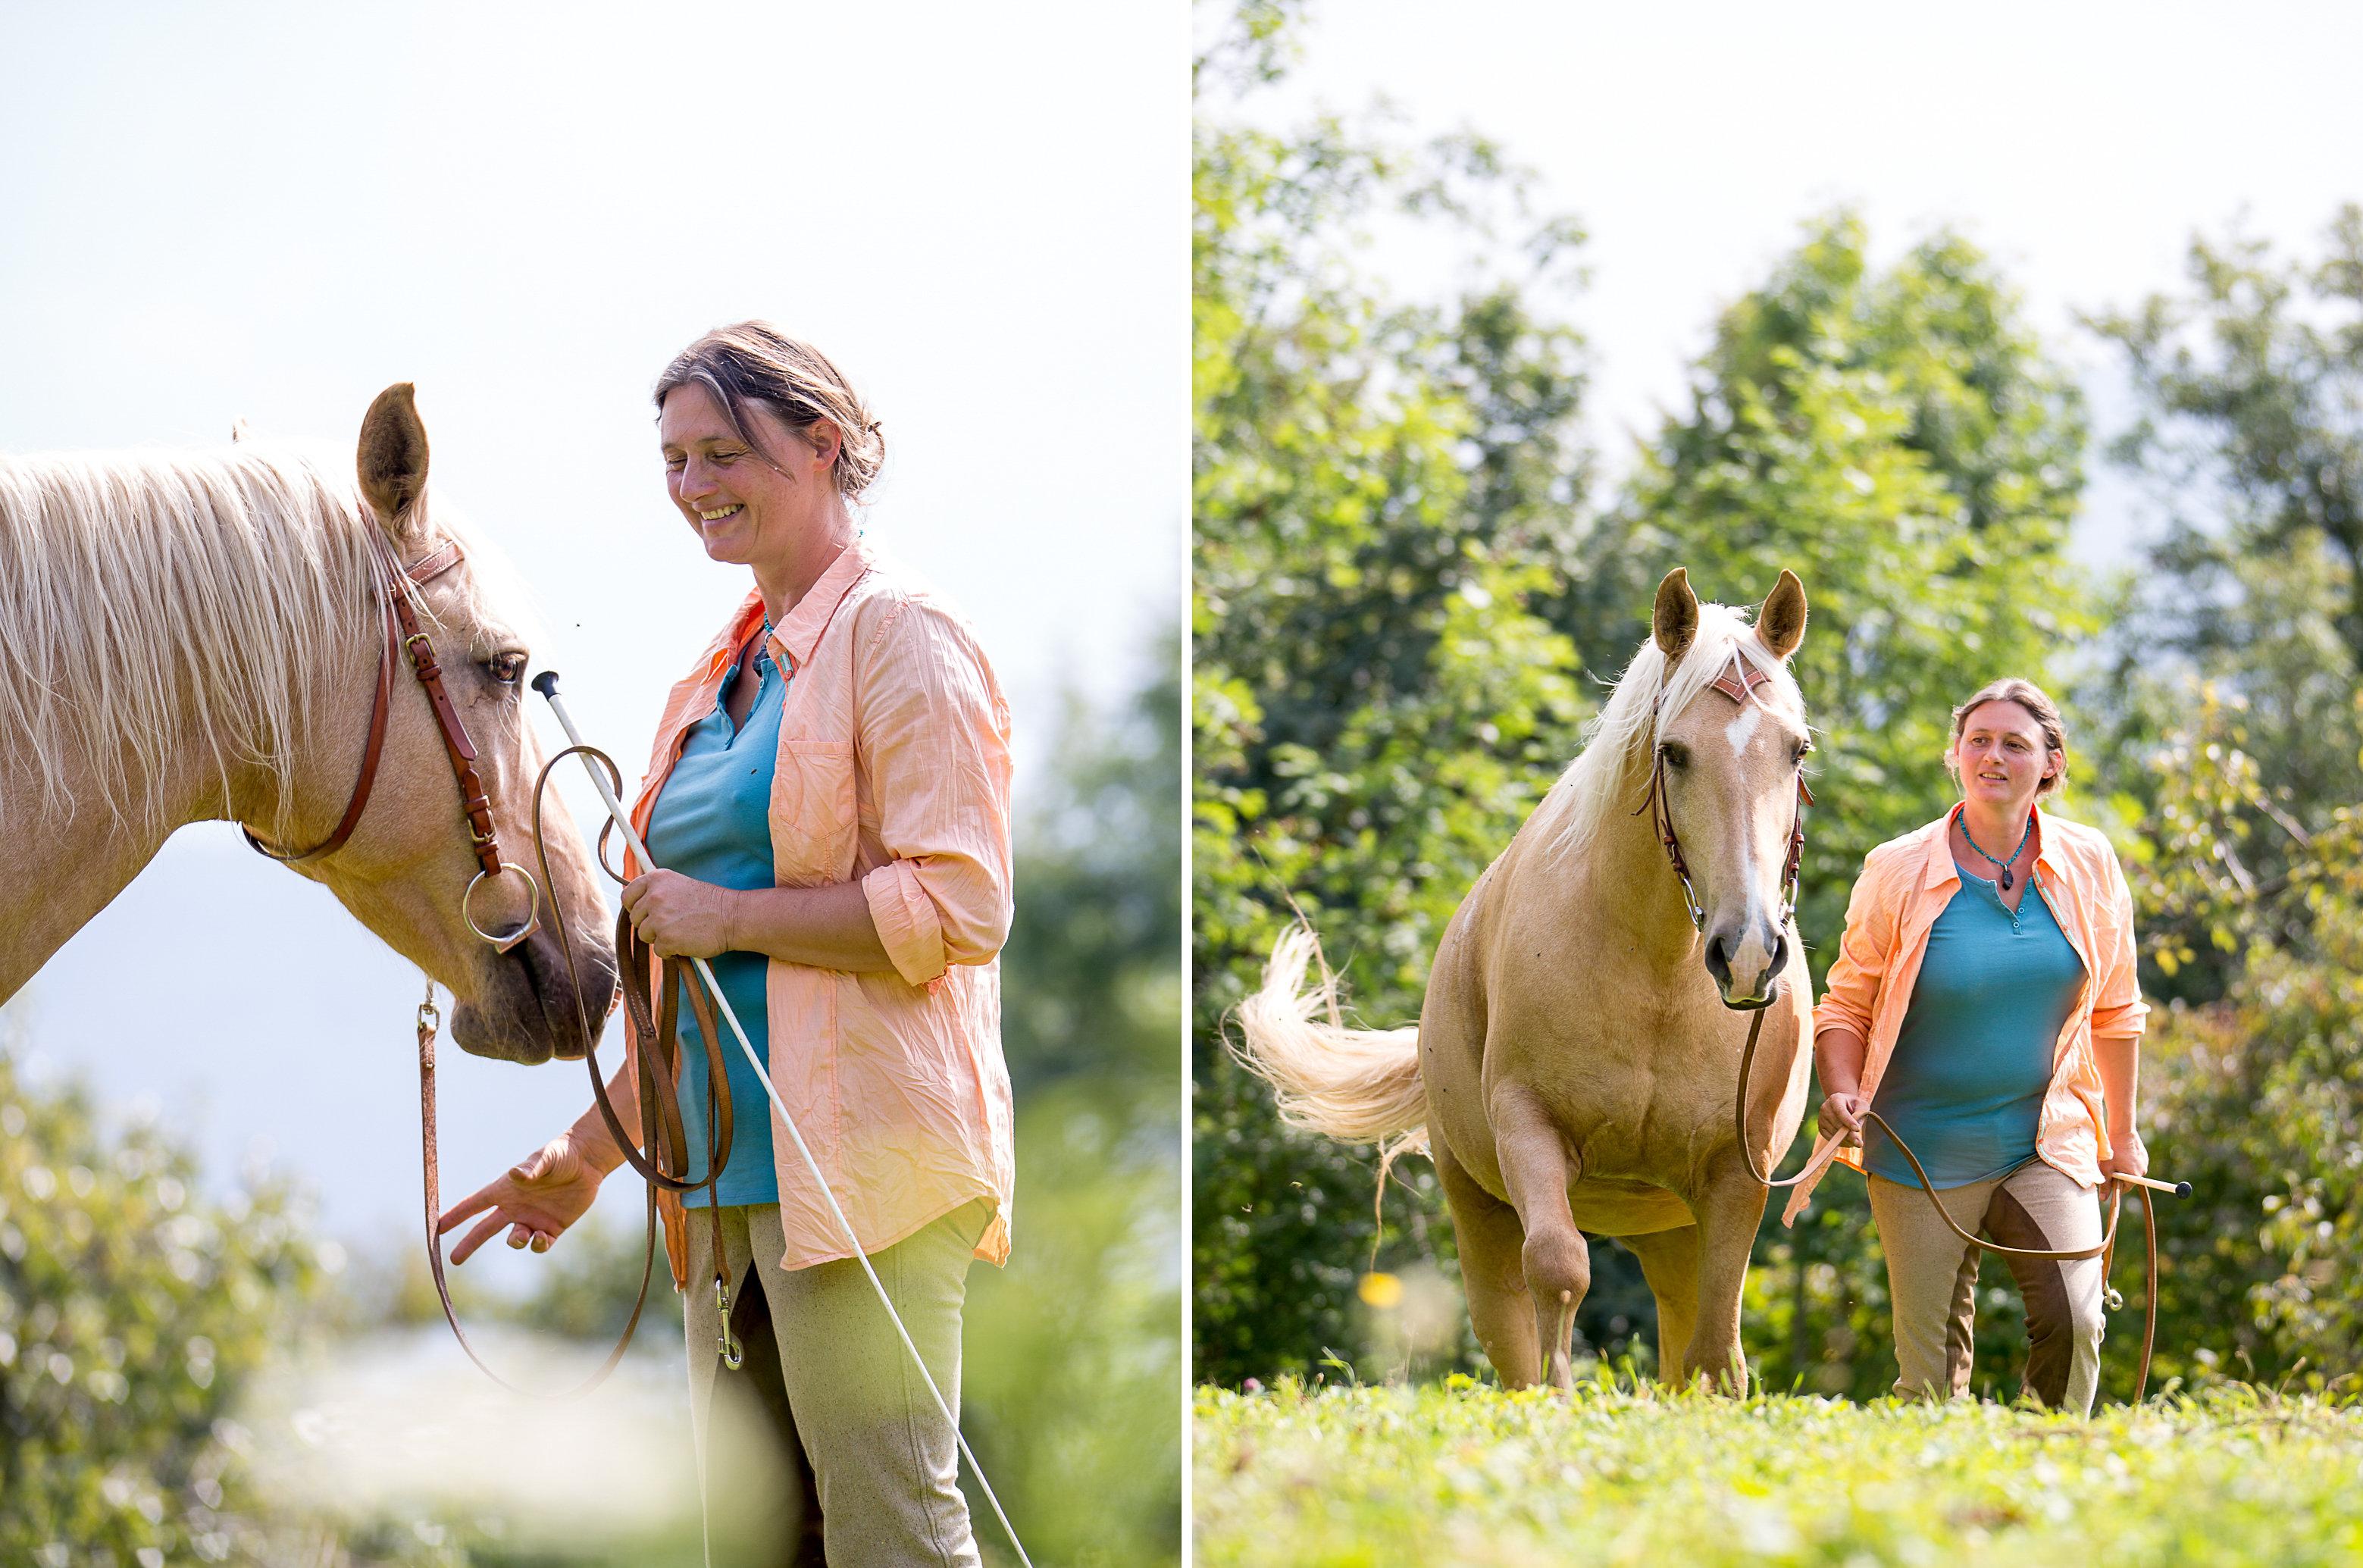 Danke Raphaël – was ich aus 10 Jahren mit meinem Traumpferd mitnehme